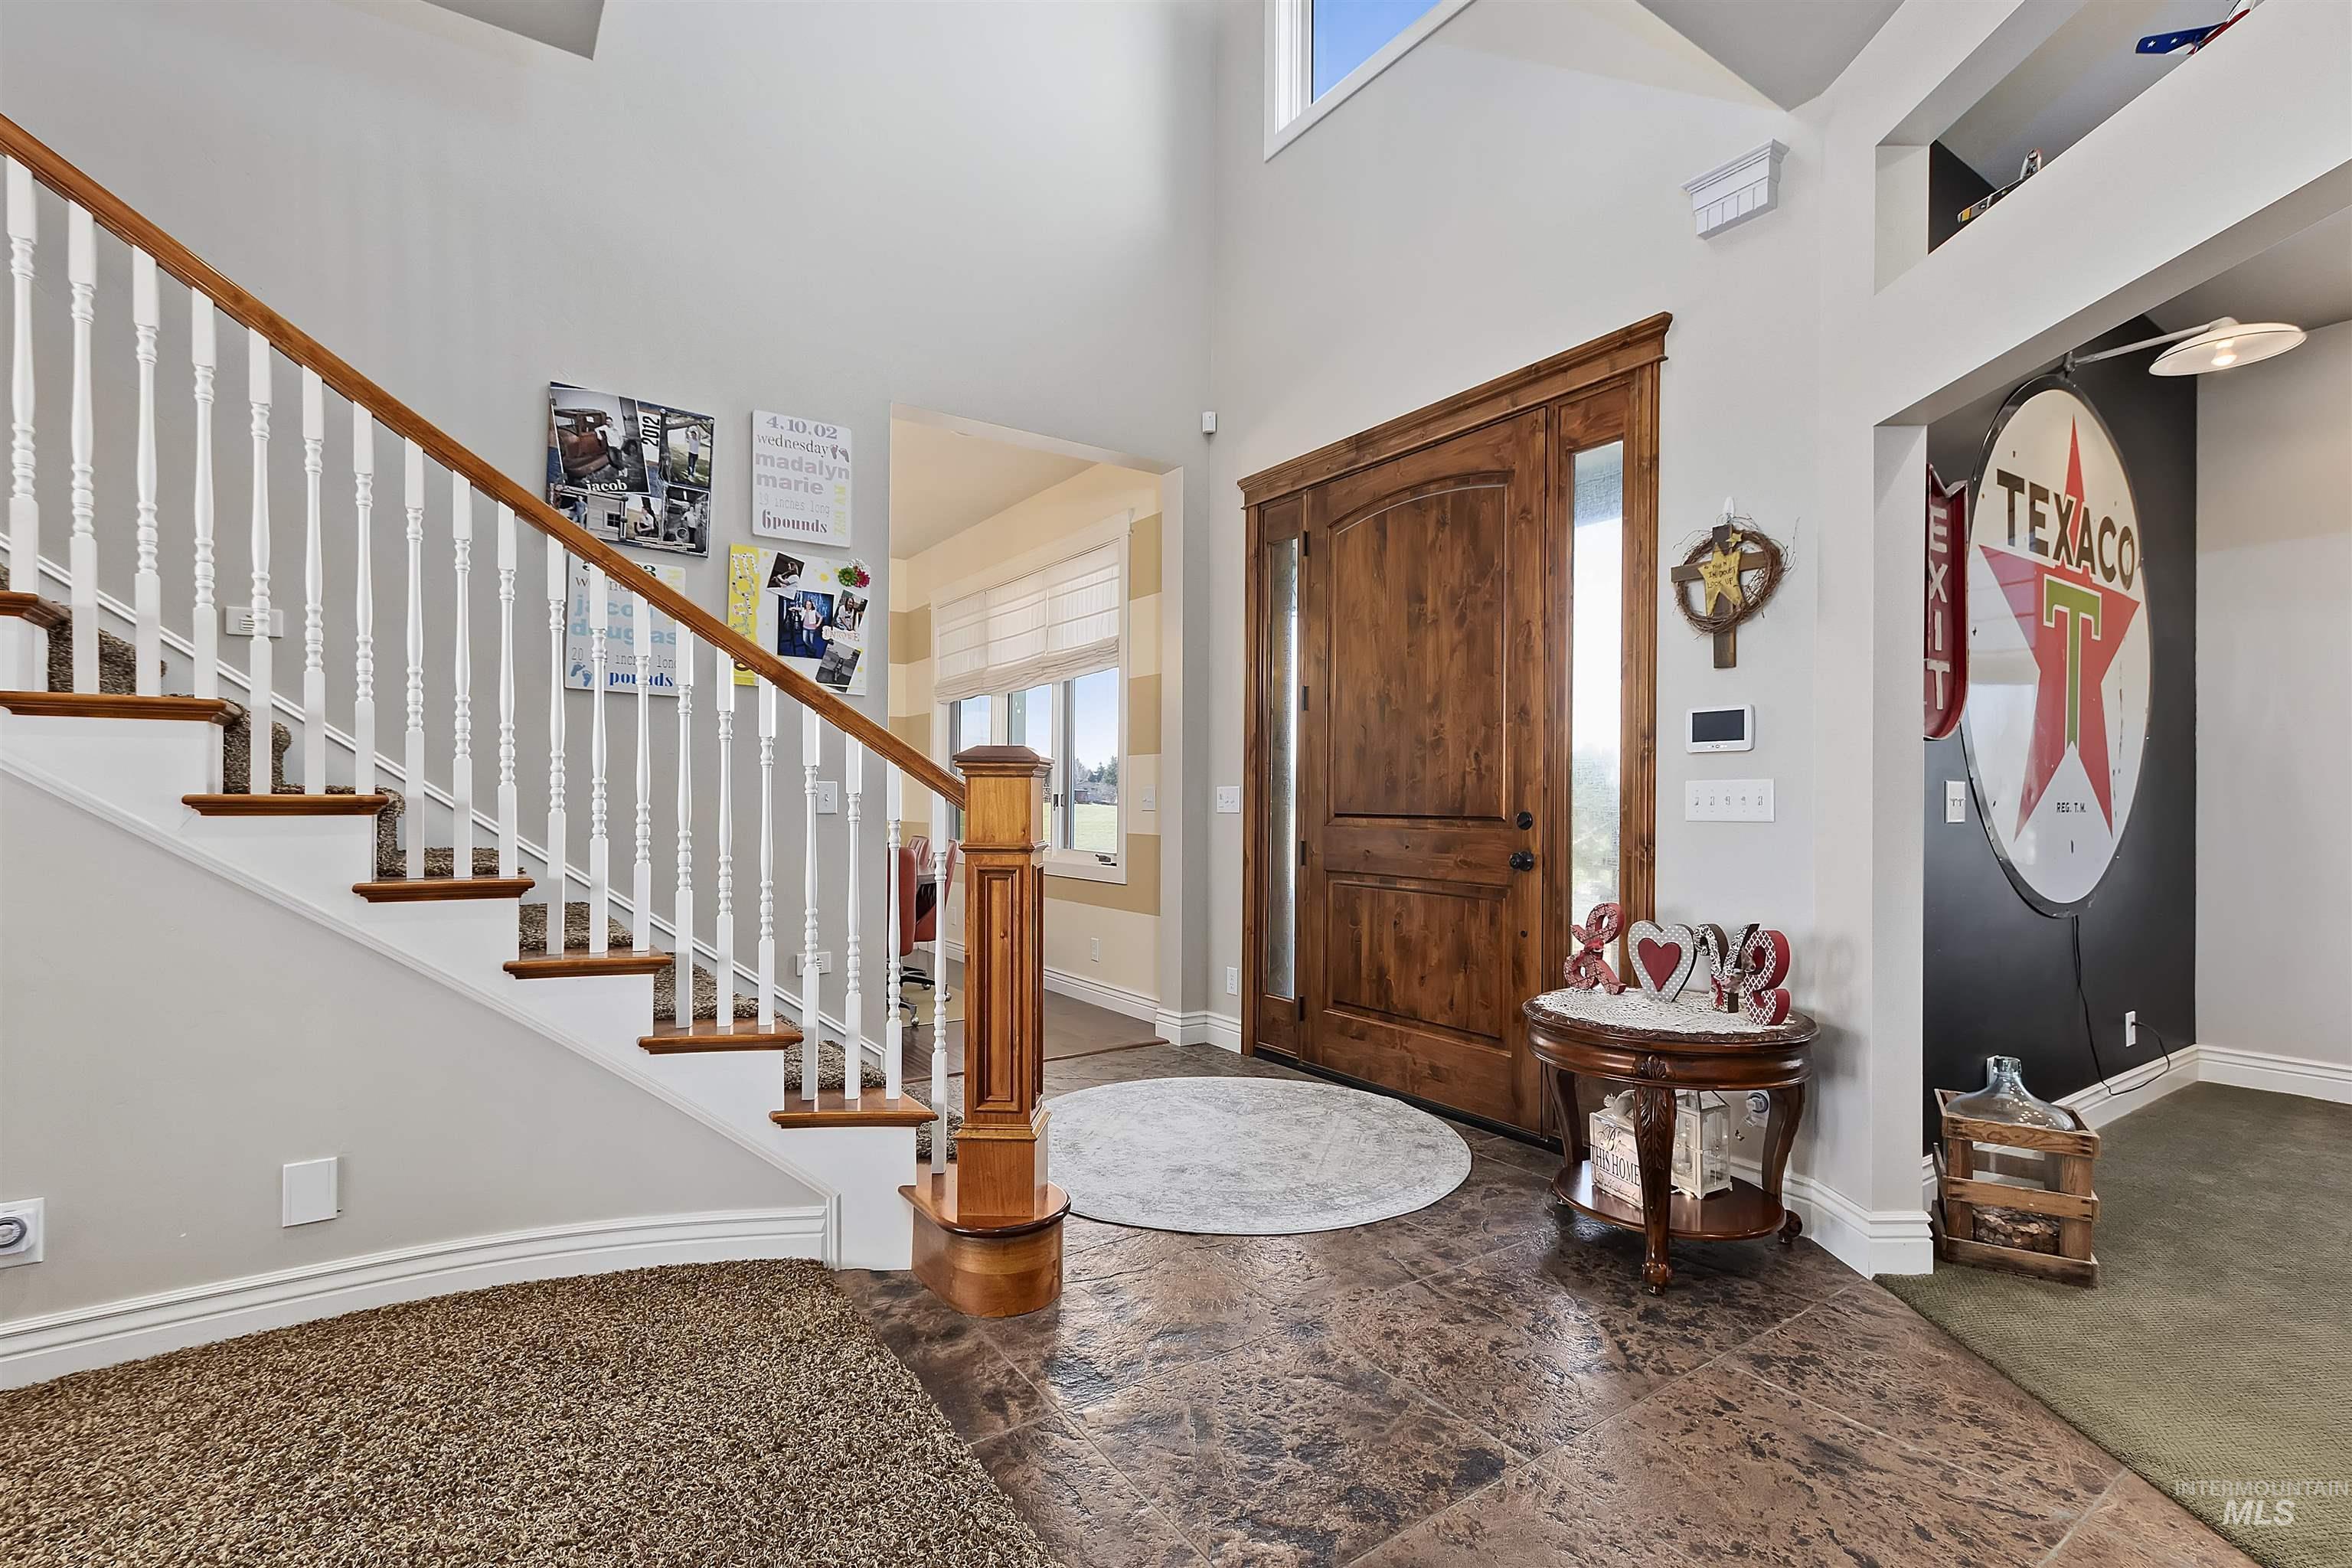 978 S 1200 E Property Photo 10